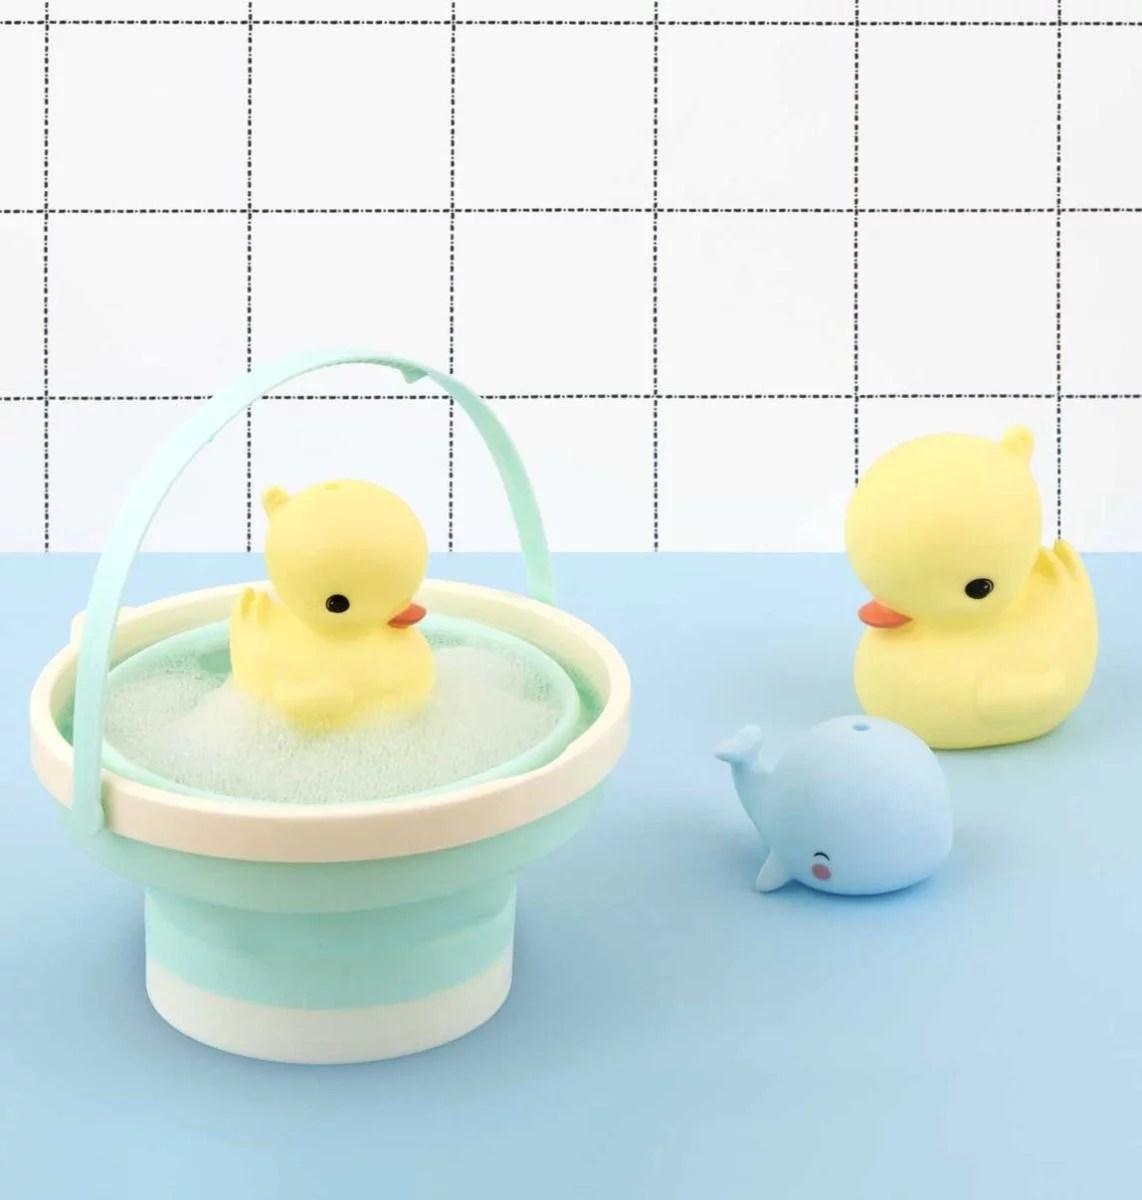 btduyl08-lr-7_bath_toy_duck A Little Lovely Company